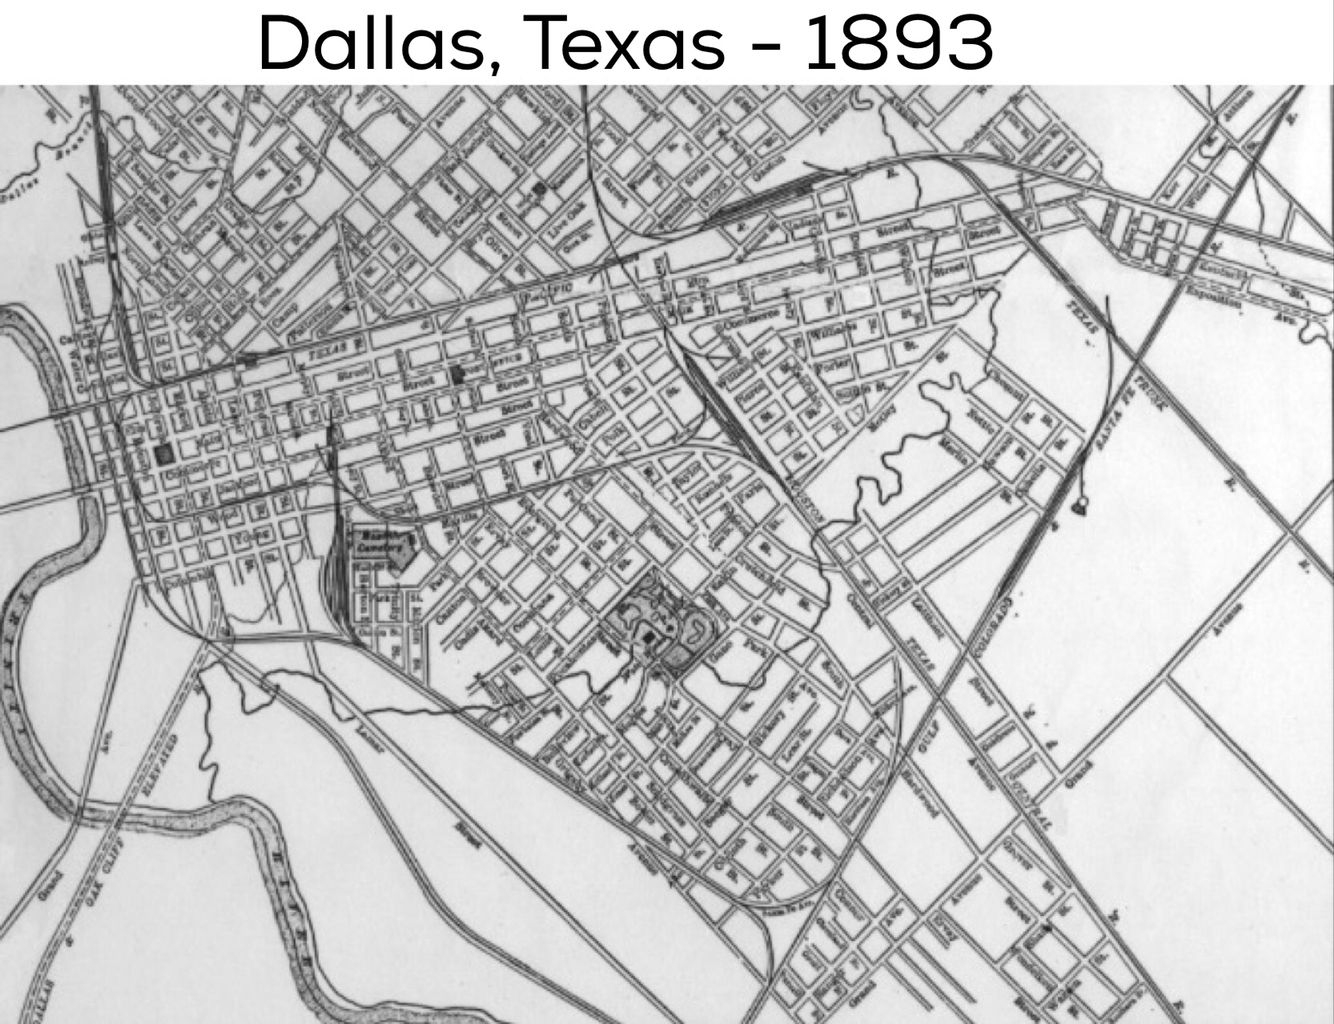 Dallas Street Map: 1893 | Dallas County, Usa | Dallas Map, Dallas - Street Map Of Dallas Texas